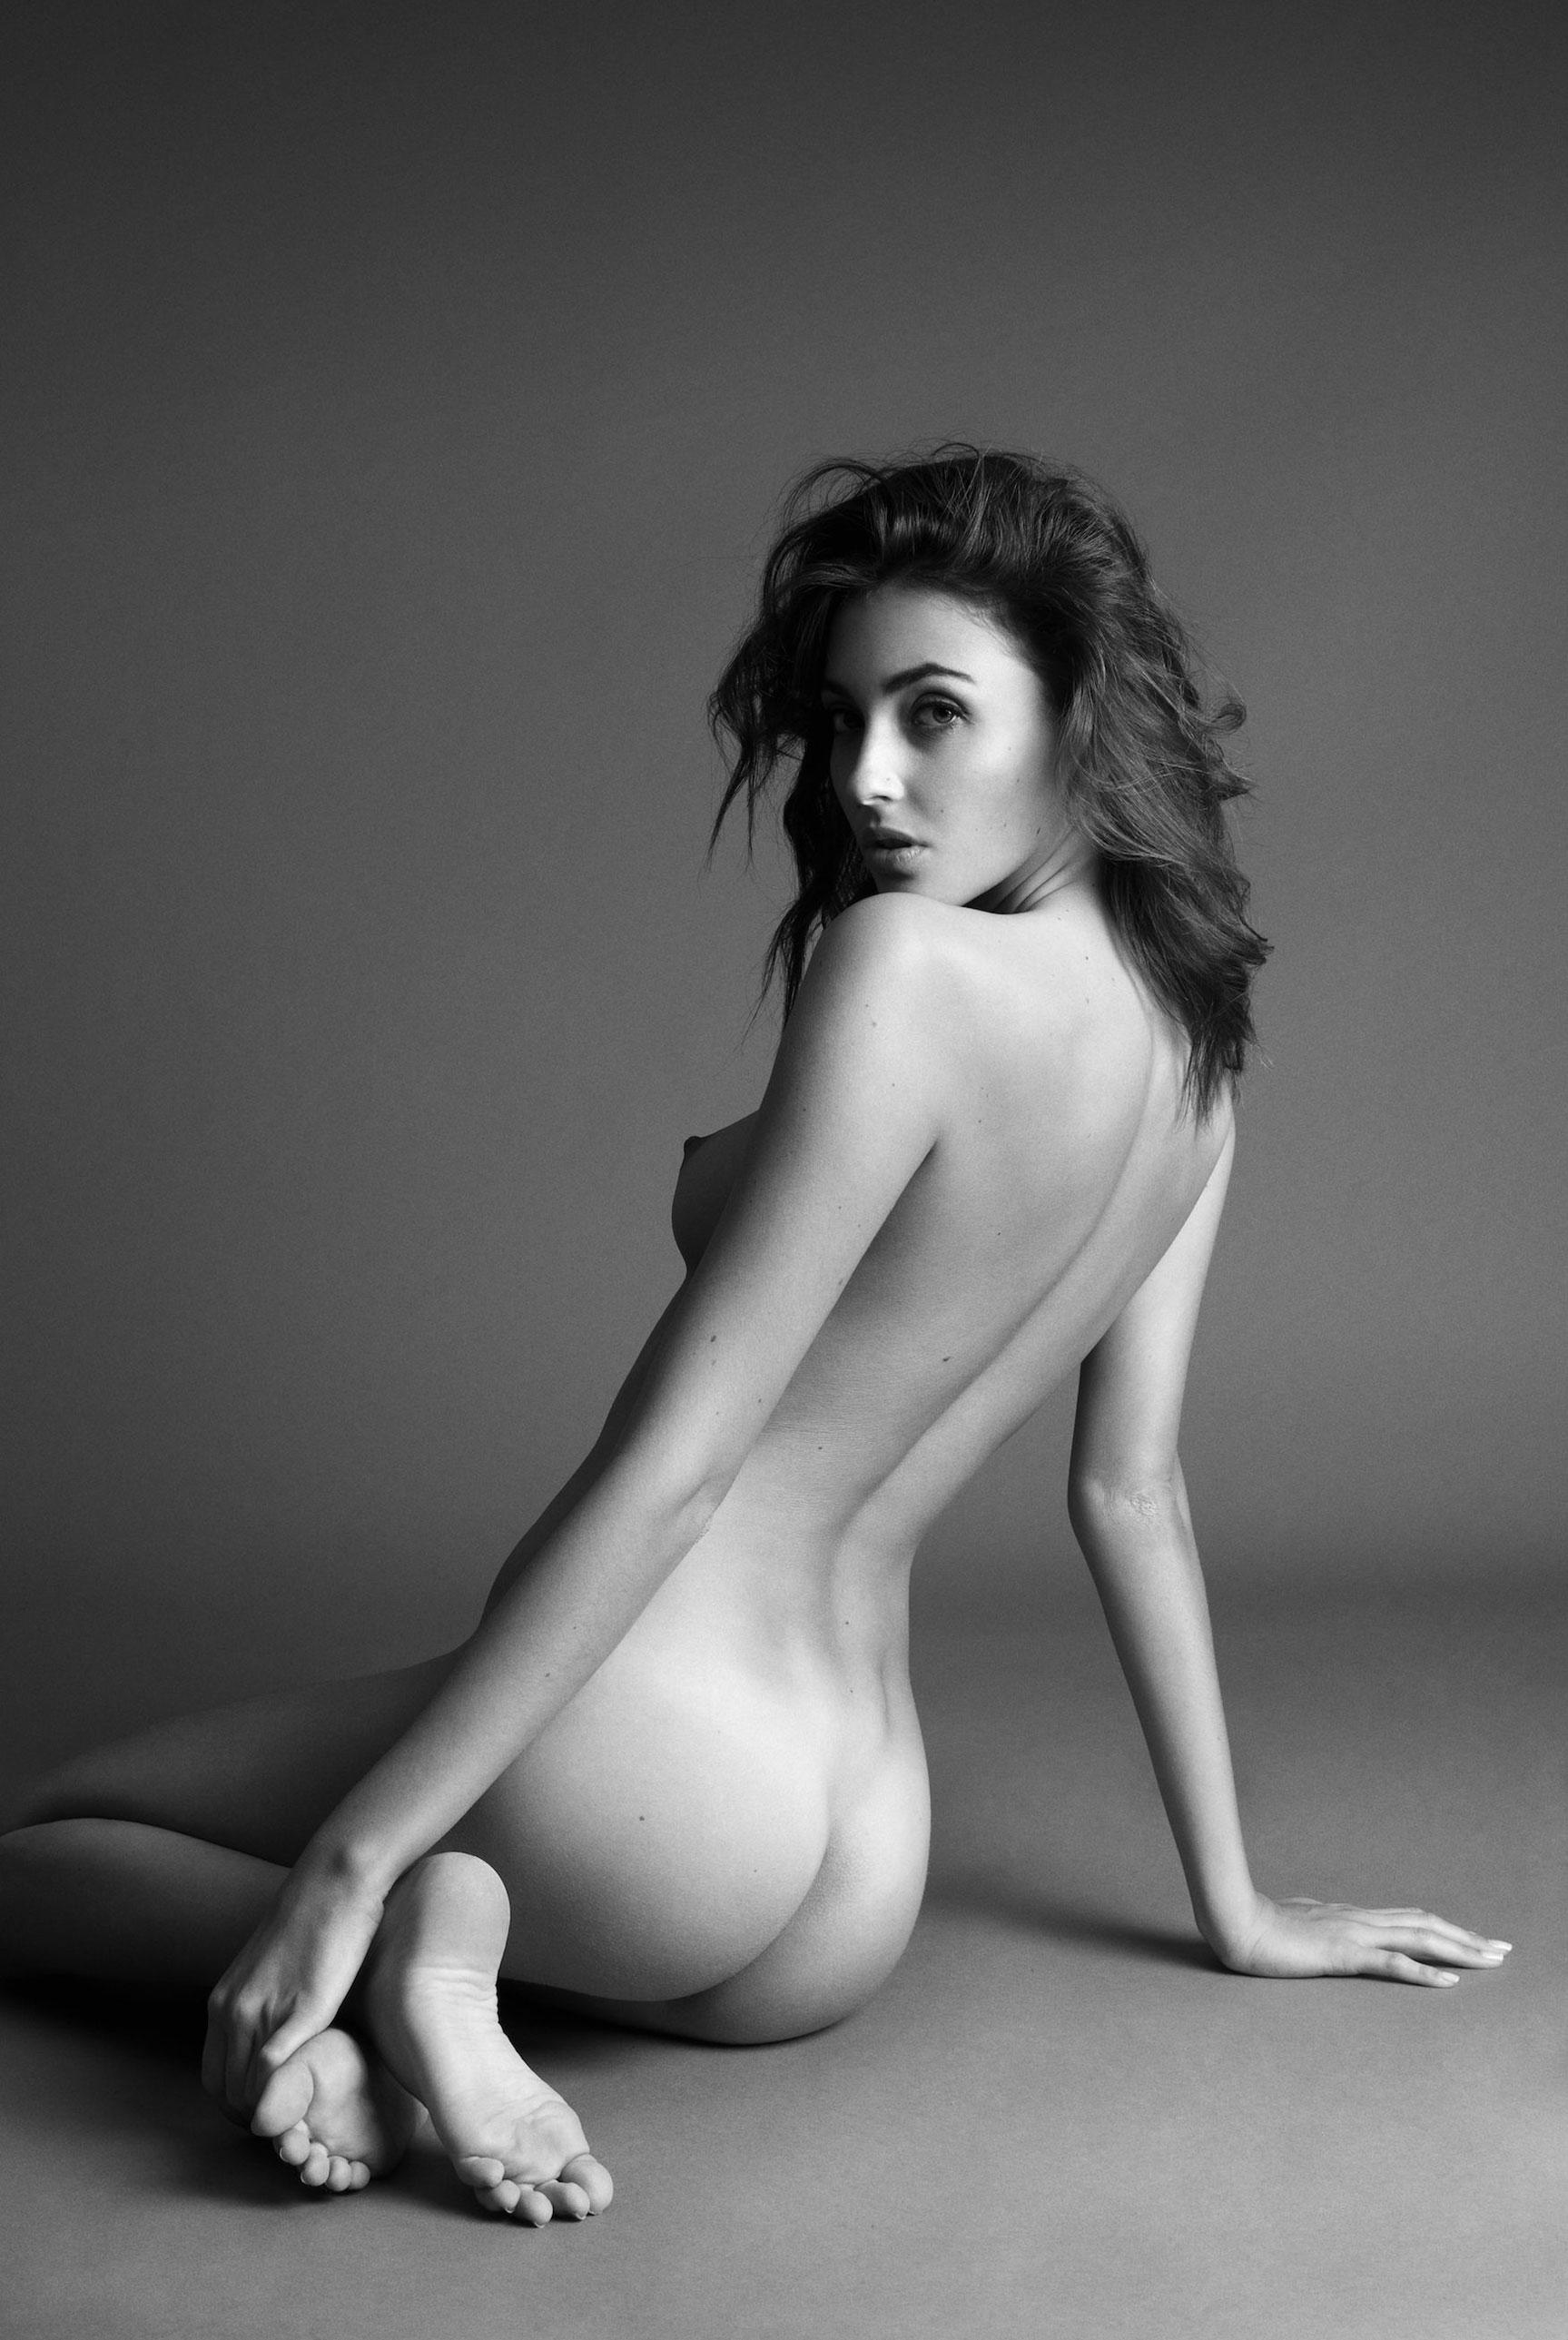 подборка фотографий сексуальных голых девушек - Erika Albonetti